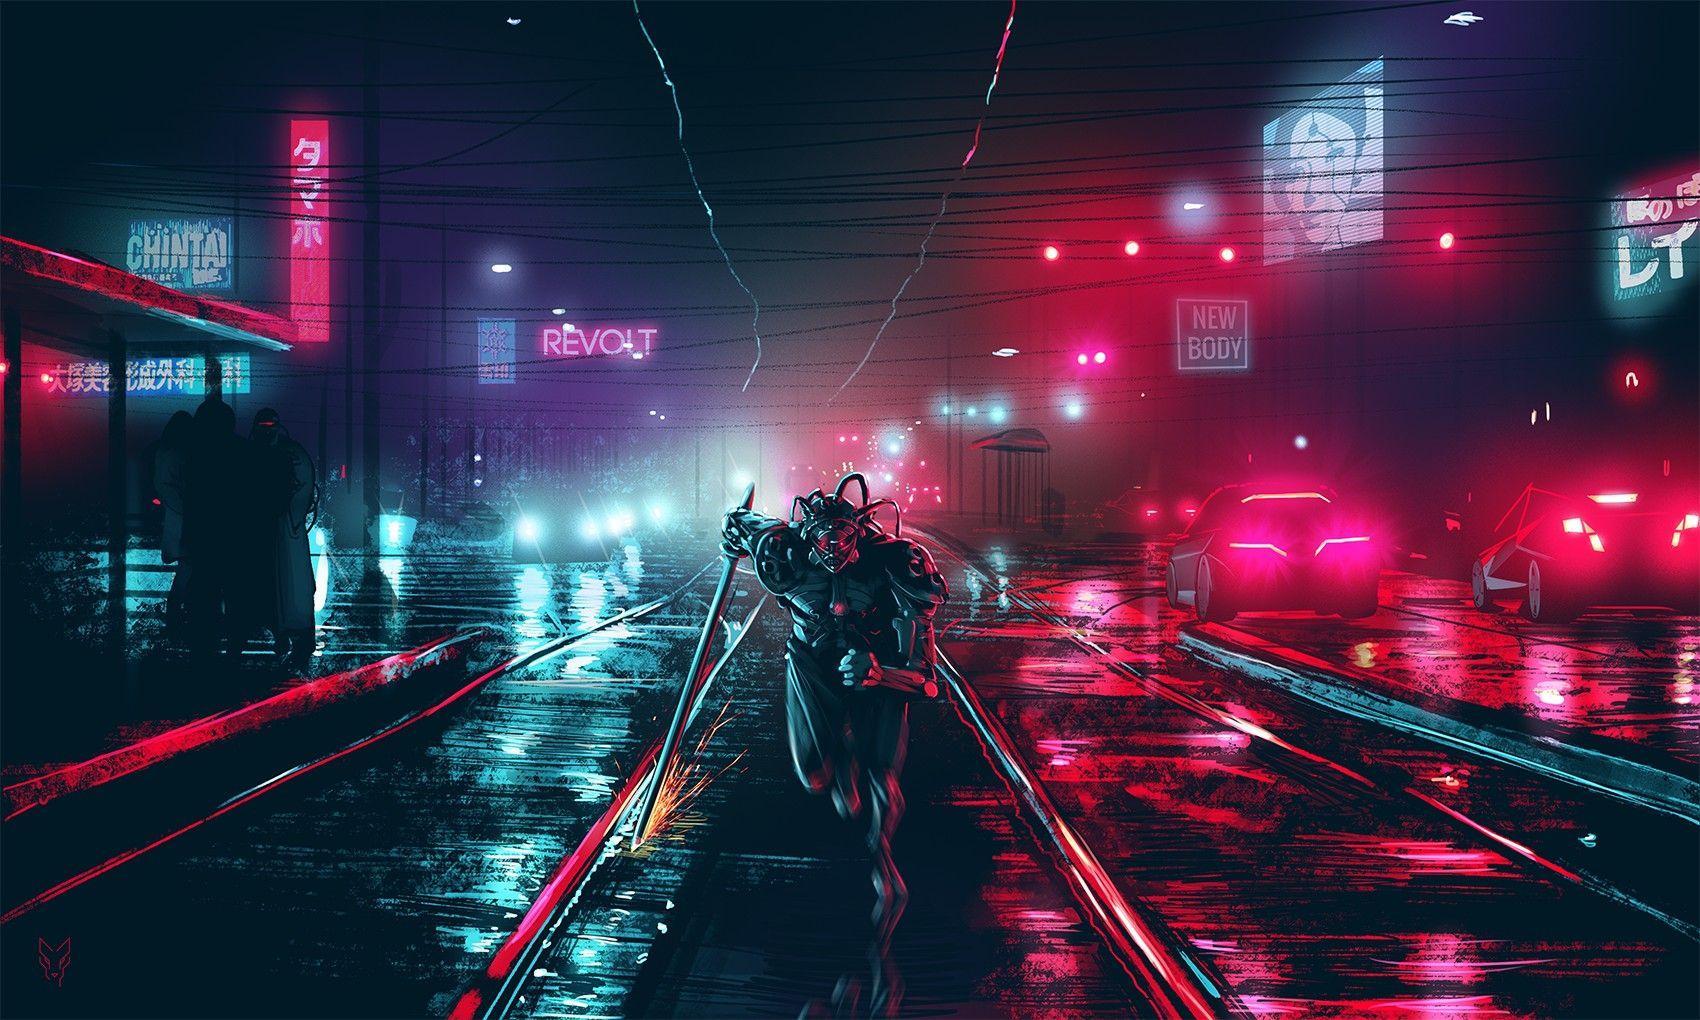 Dark Cyberpunk Wallpapers Top Free Dark Cyberpunk Backgrounds Wallpaperaccess